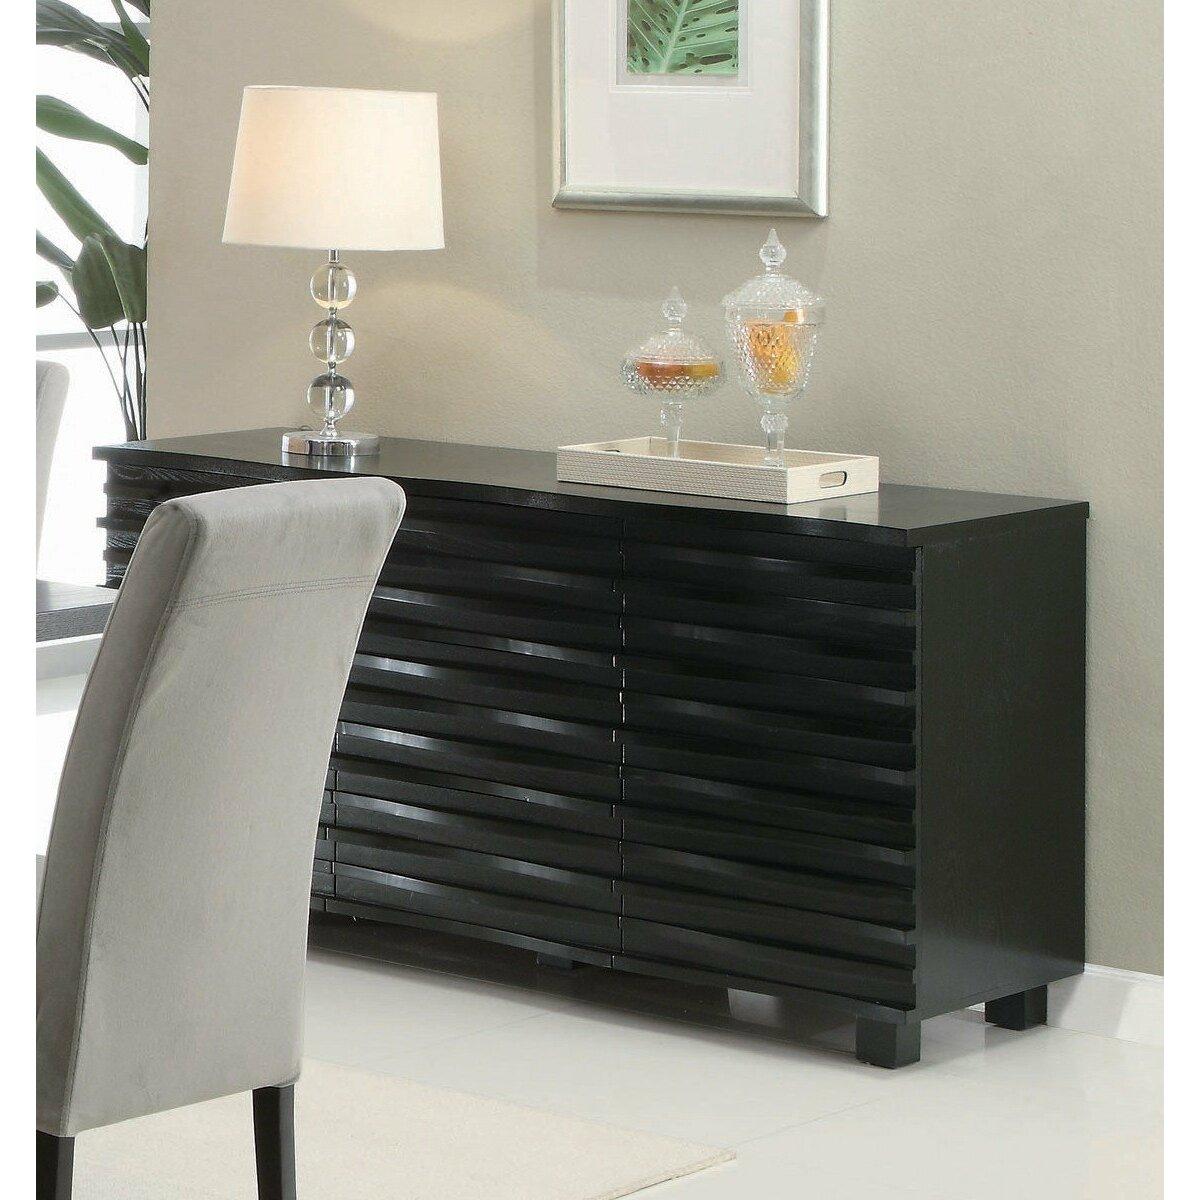 Infini Furnishings Jordan Sideboard Reviews Wayfair